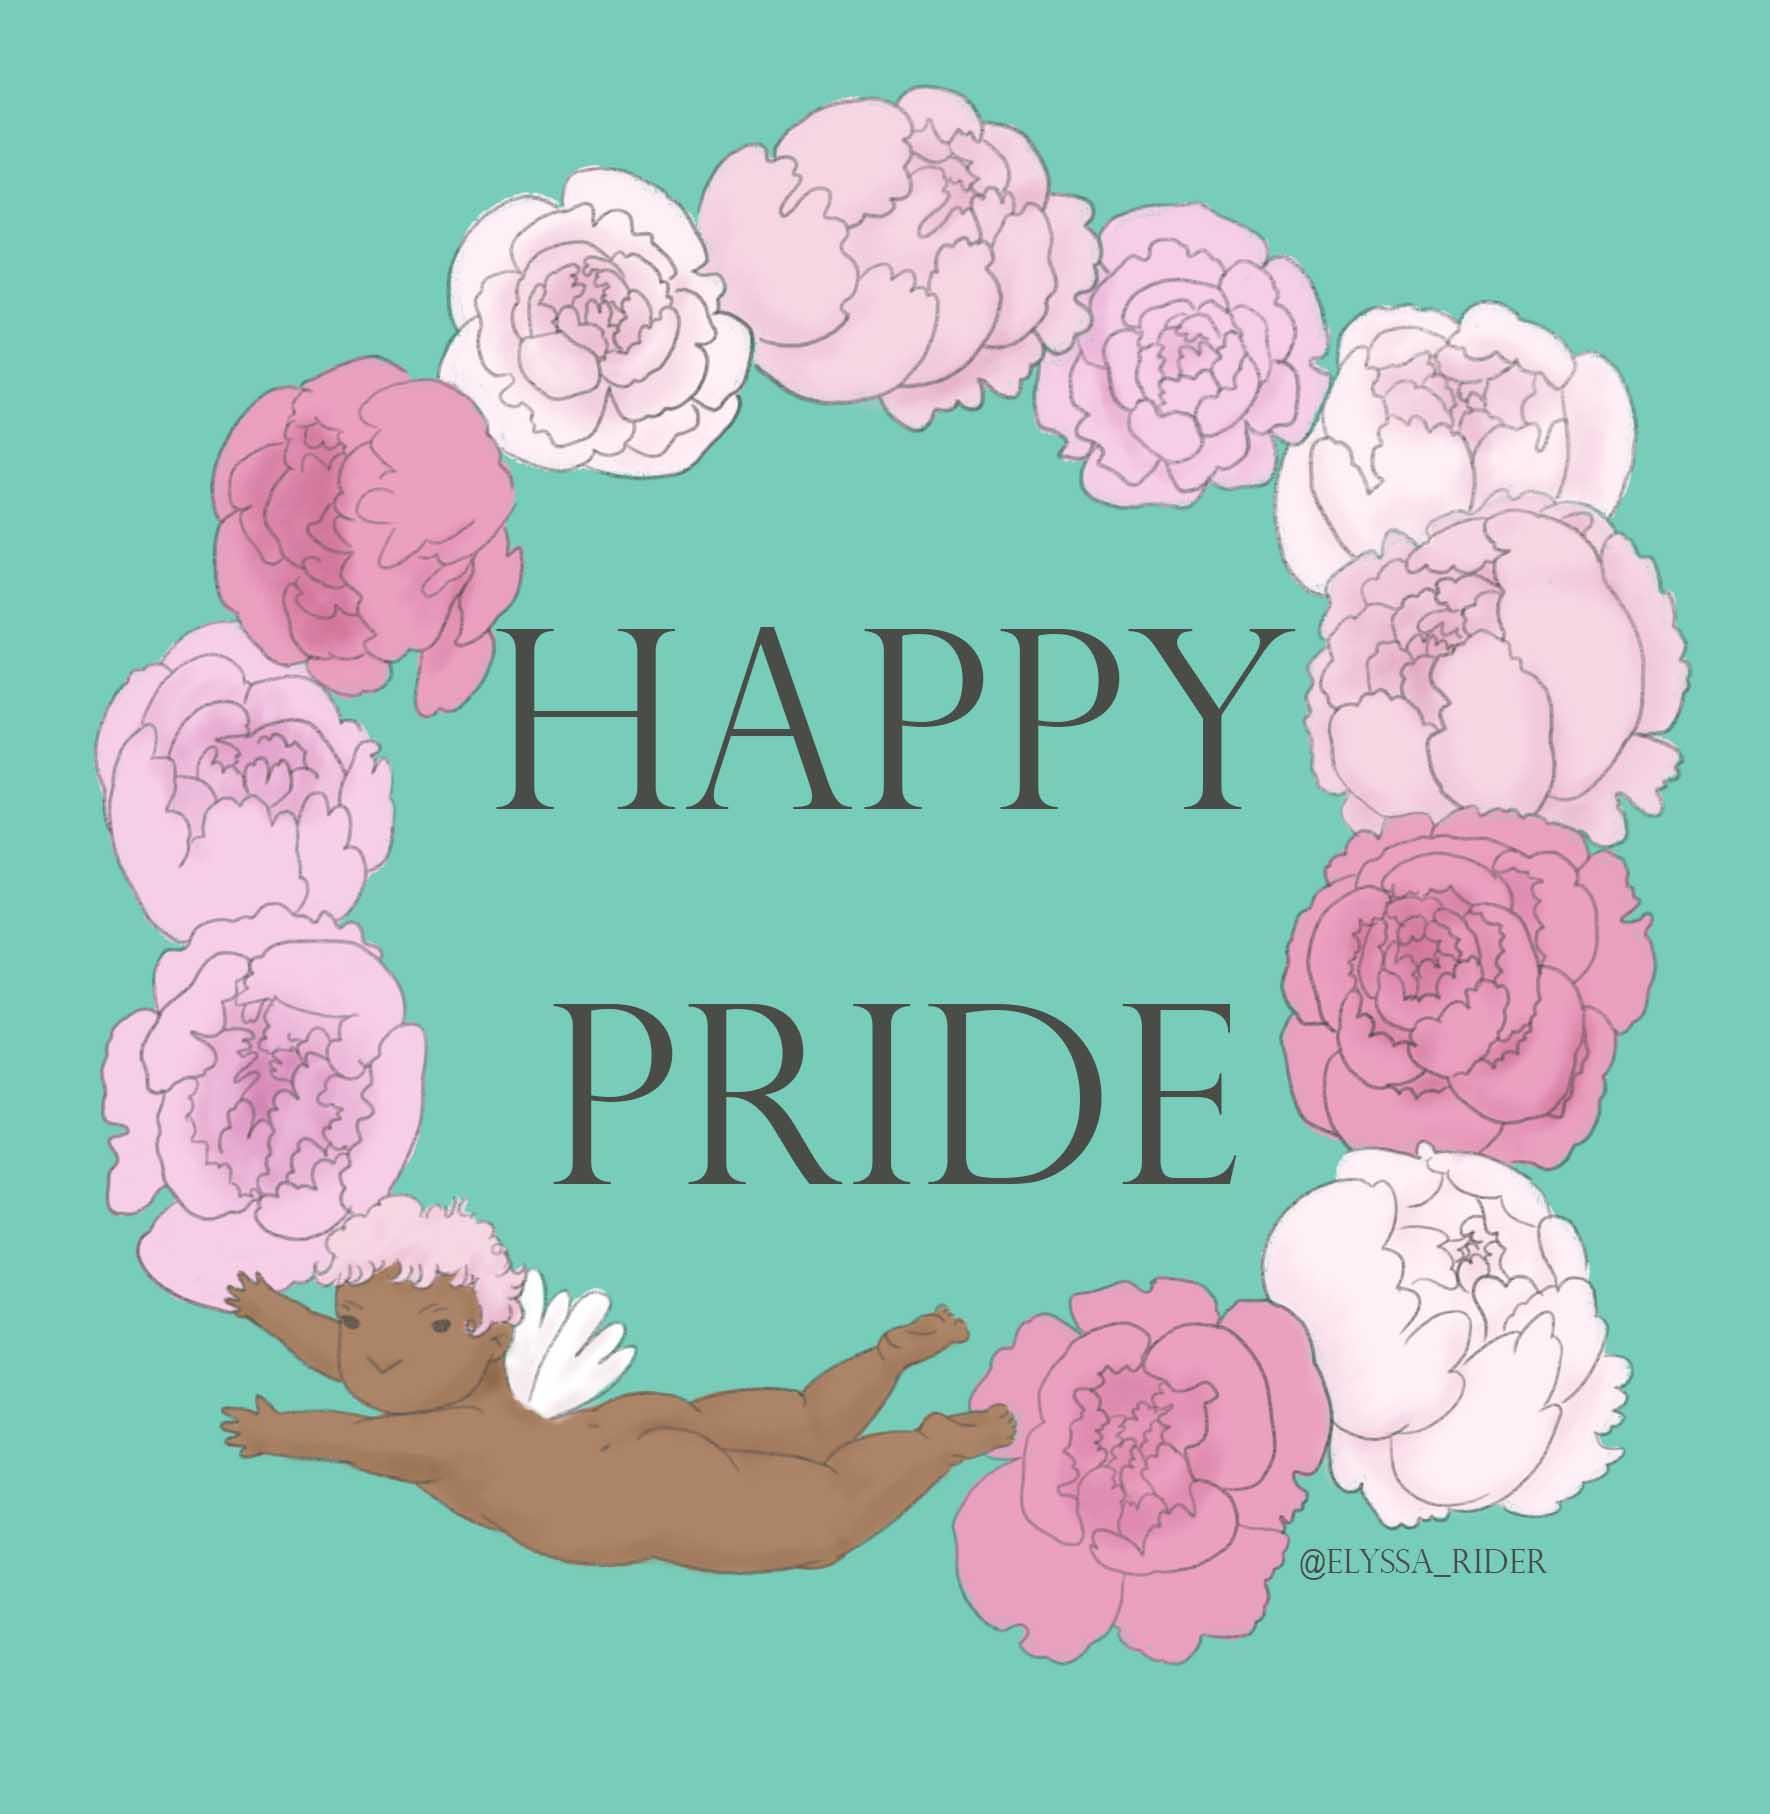 Happy Pride Cherub - Elyssa Rider